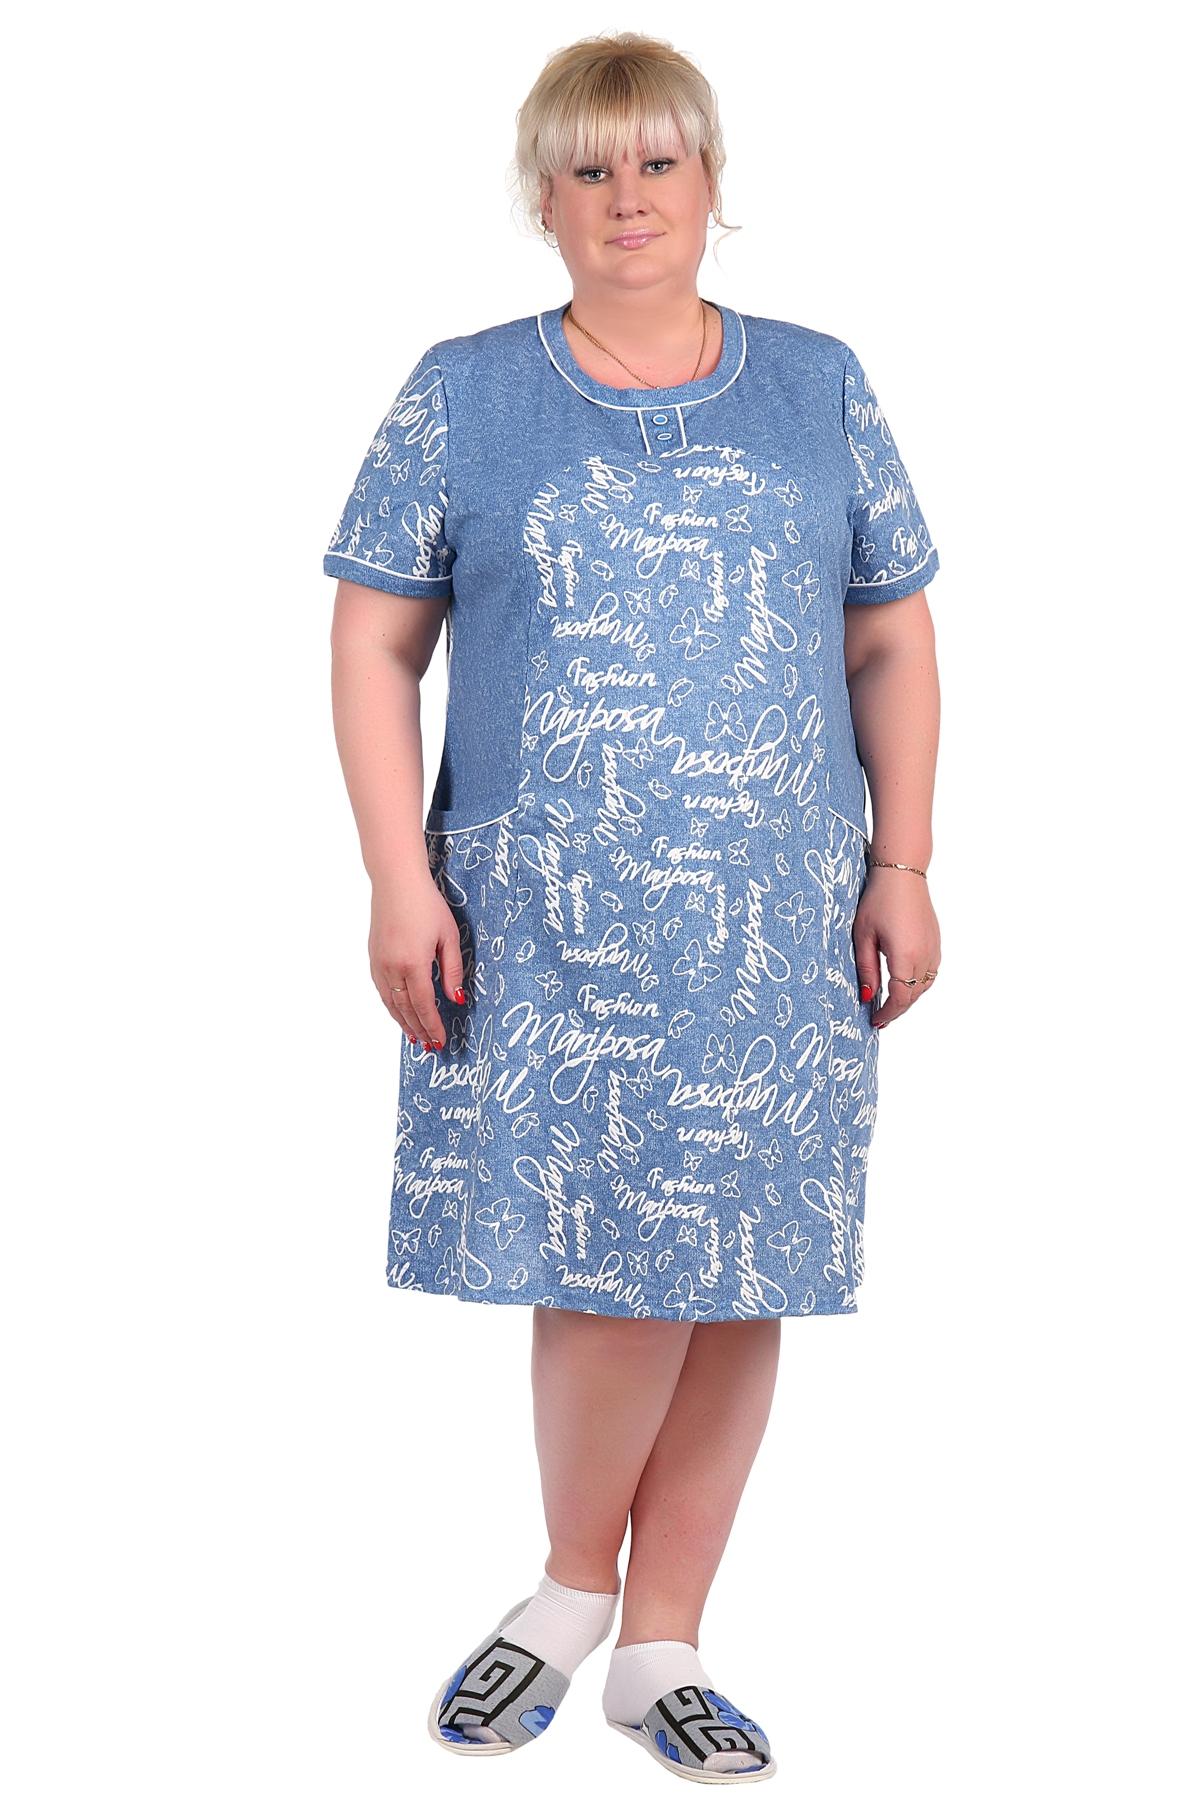 Жен. туника арт. 16-0307 Голубой р. 60Туники<br><br><br>Тип: Жен. туника<br>Размер: 60<br>Материал: Кулирка